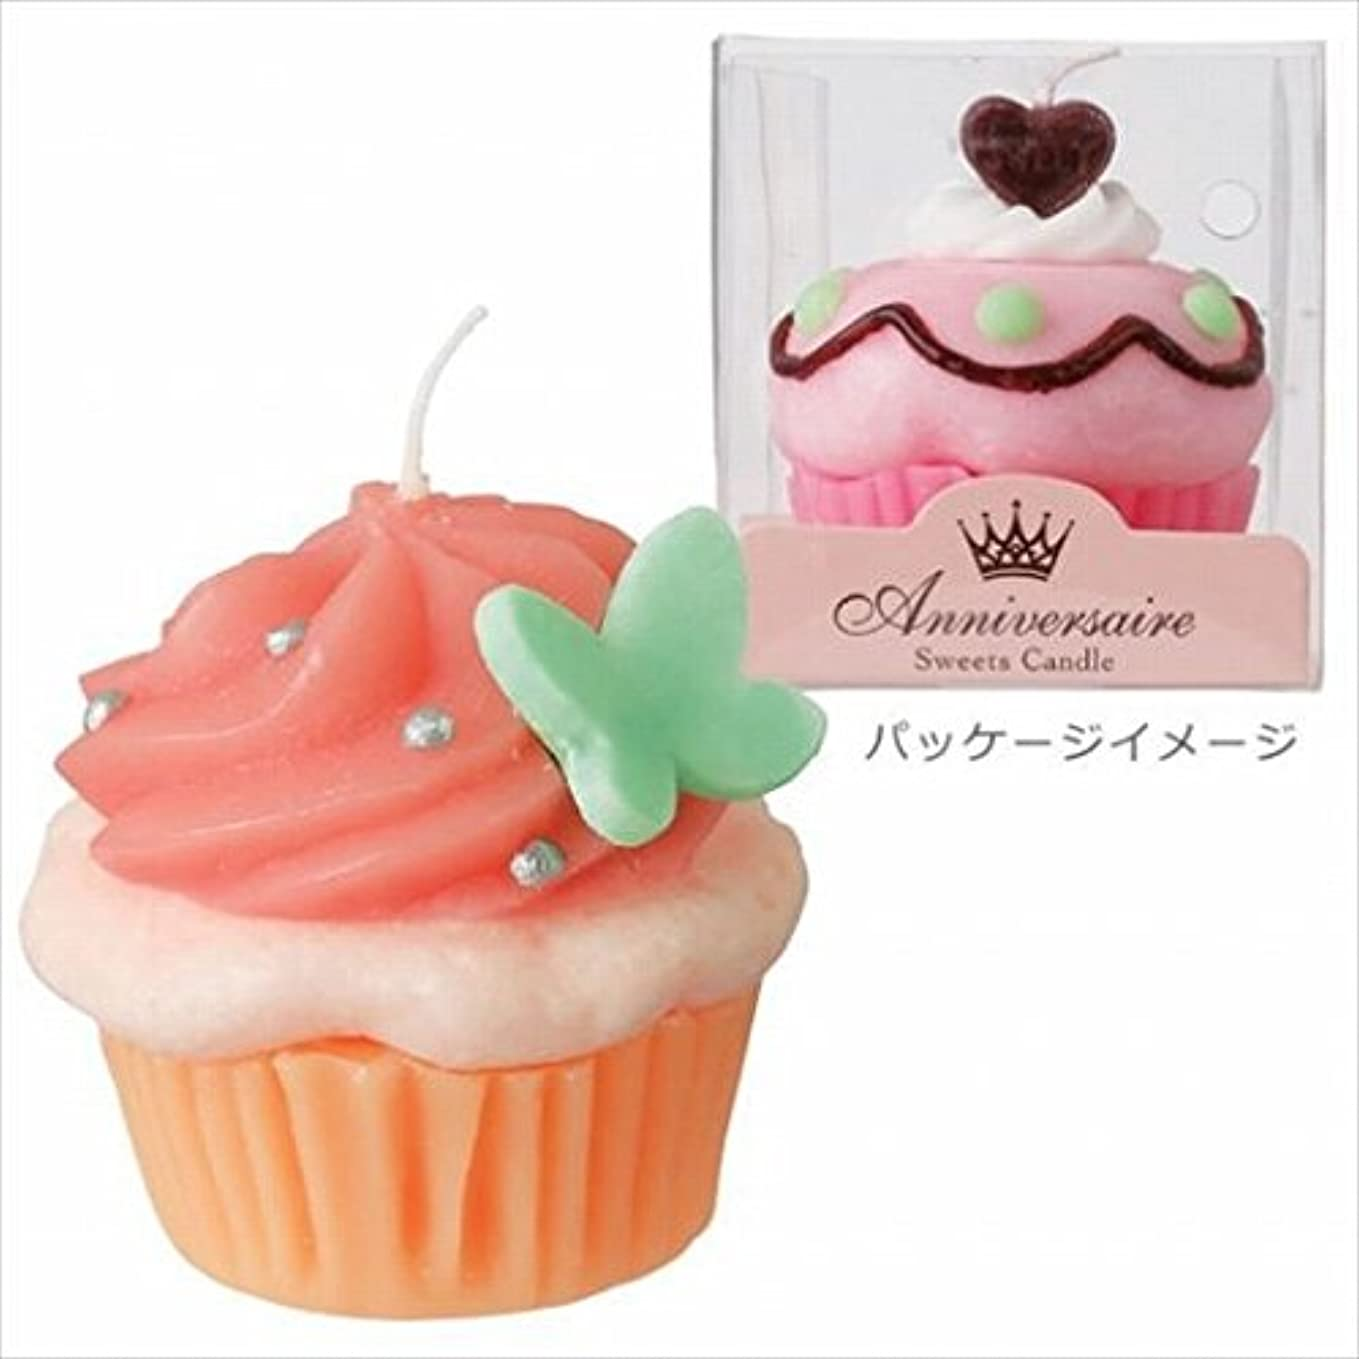 繊細。極小カメヤマキャンドル( kameyama candle ) カップケーキキャンドル 「 ホイップベリー 」